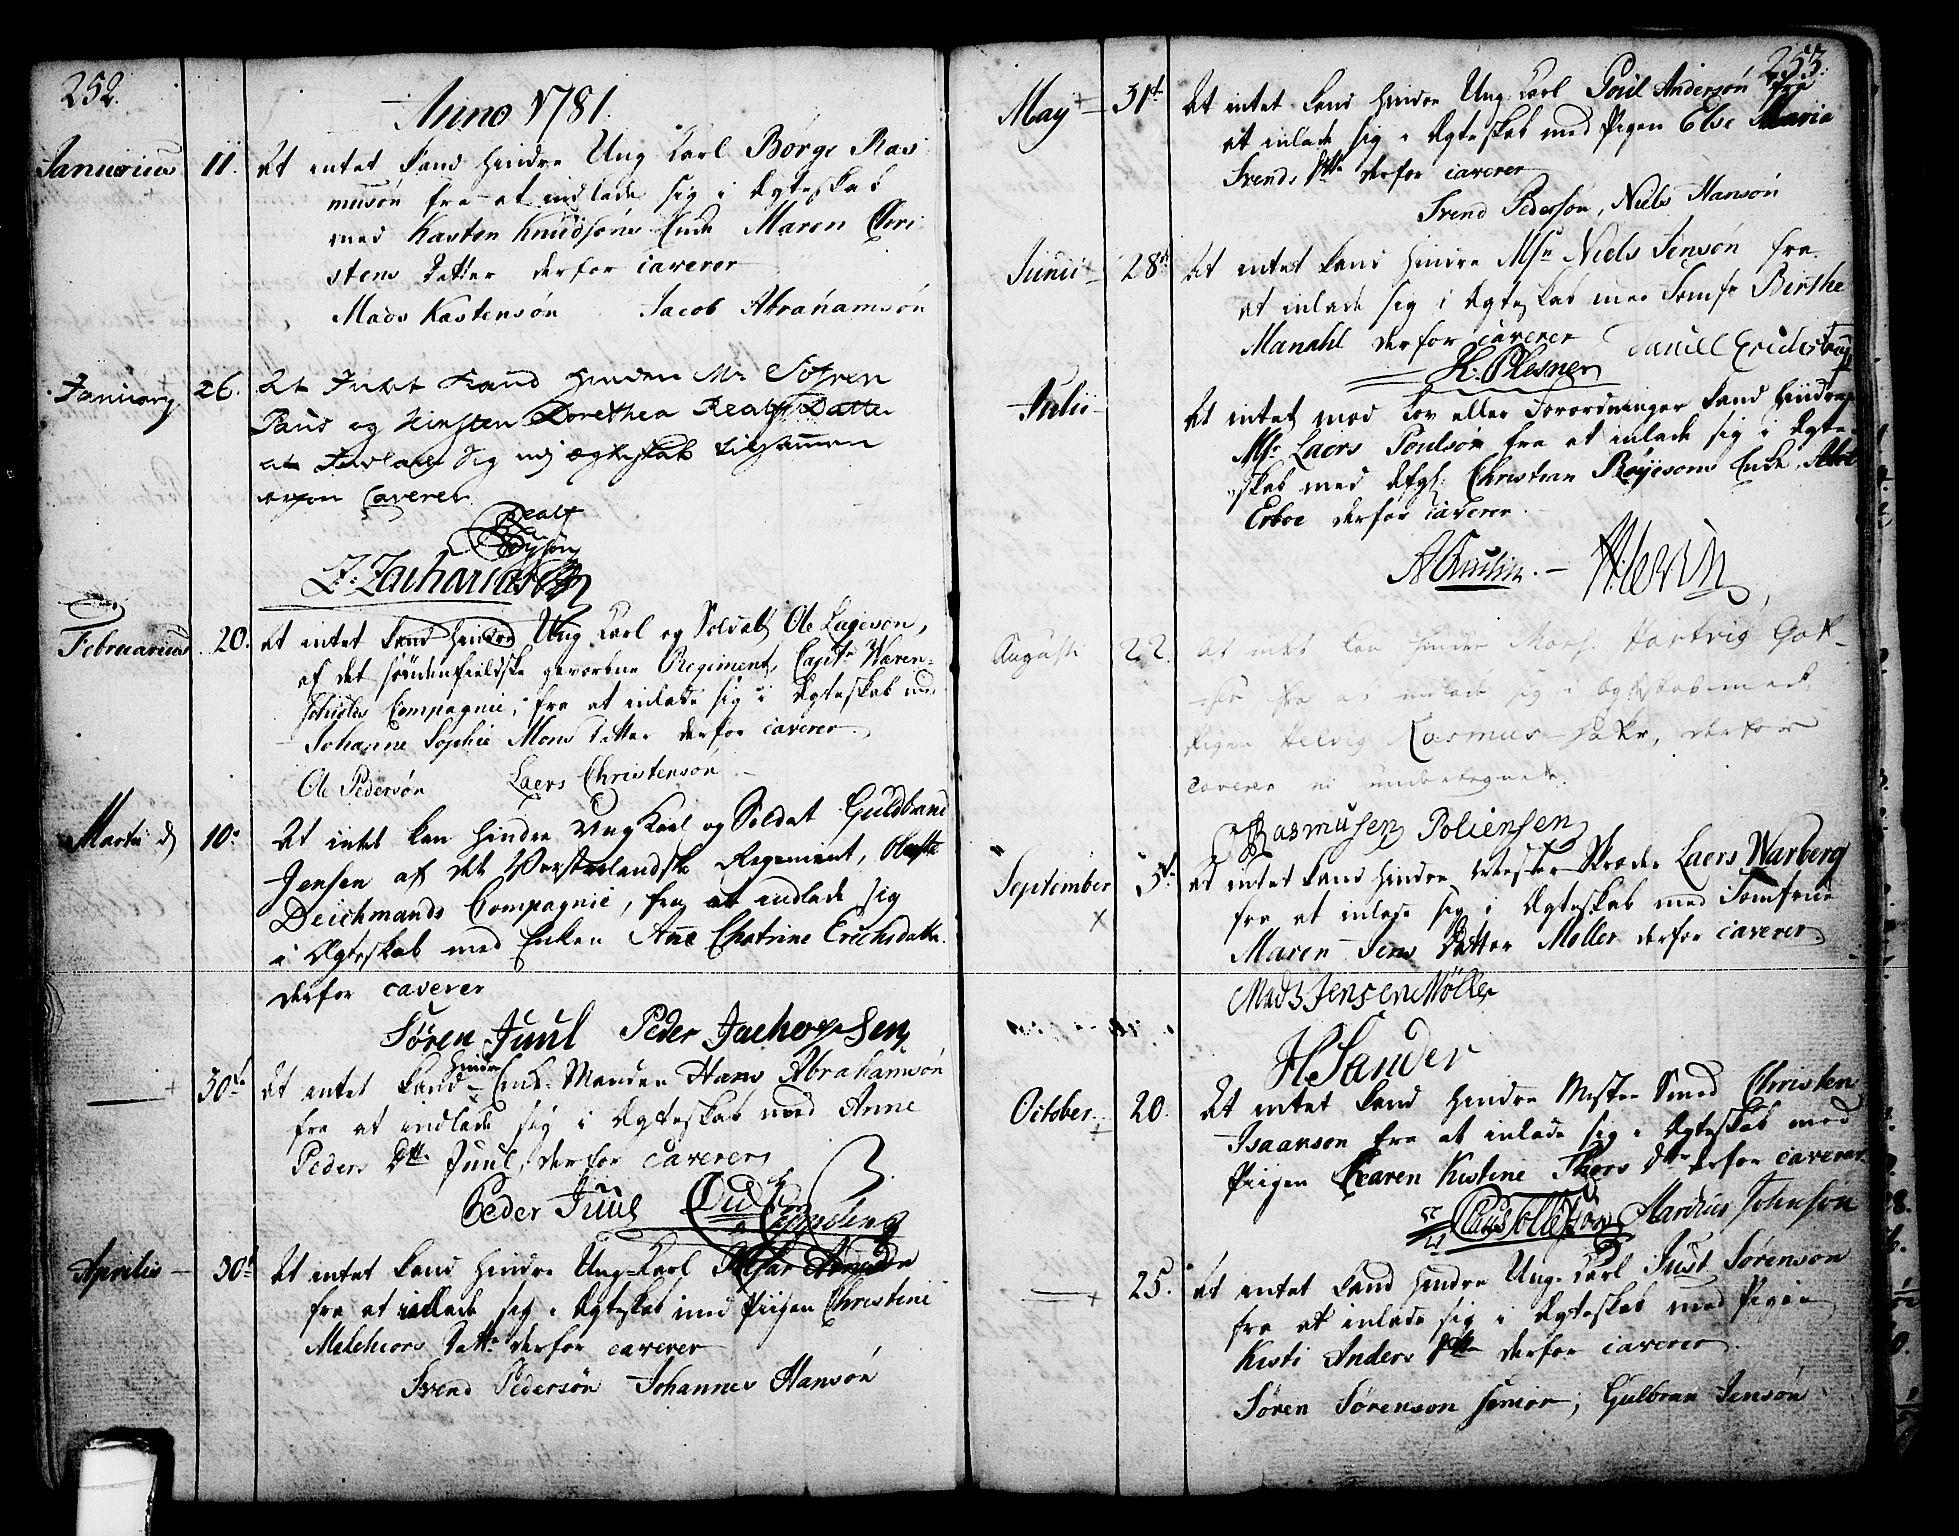 SAKO, Skien kirkebøker, F/Fa/L0003: Ministerialbok nr. 3, 1755-1791, s. 252-253